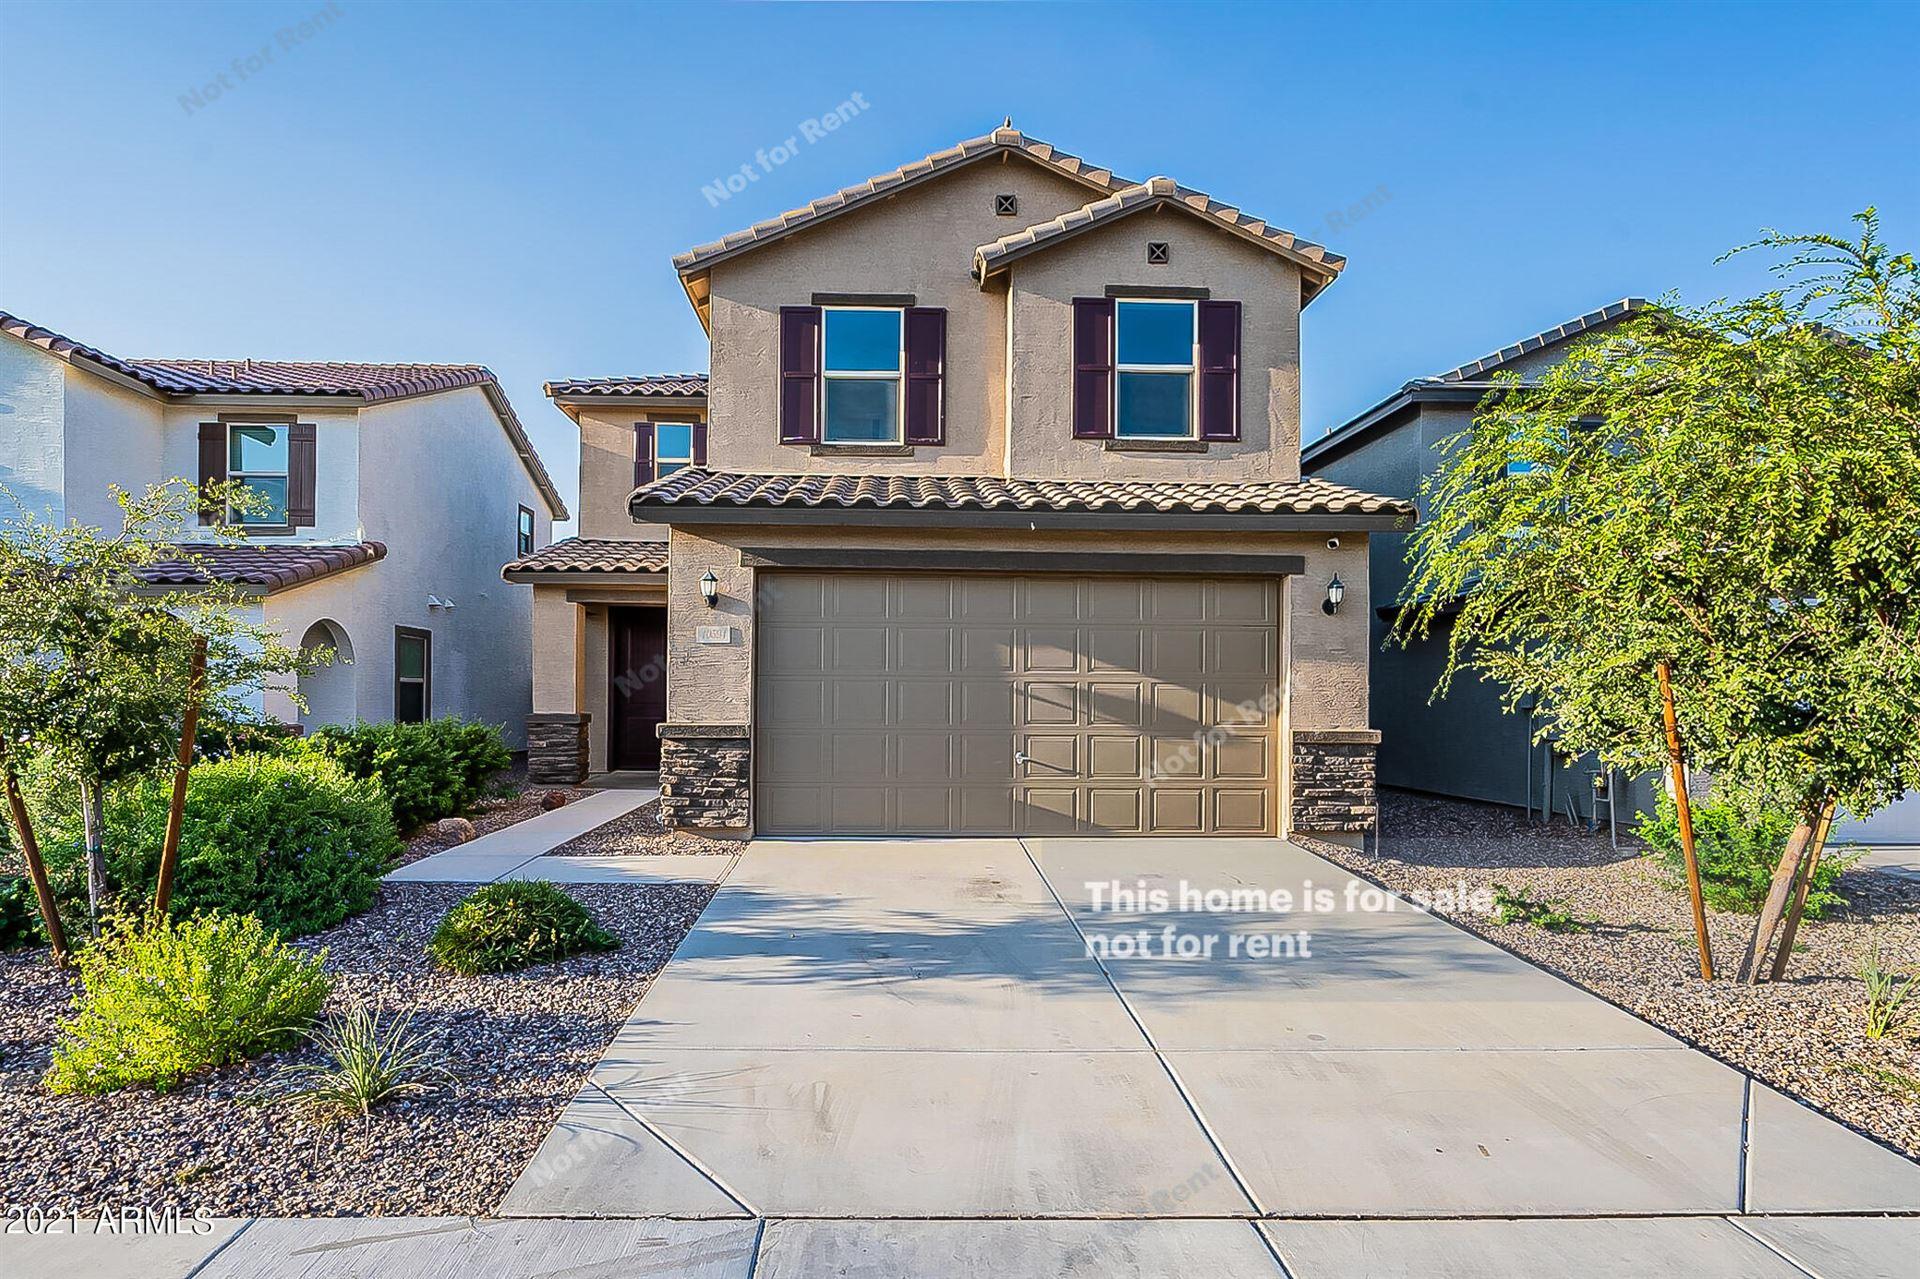 Photo for 40594 W NICOLE Court, Maricopa, AZ 85138 (MLS # 6292692)